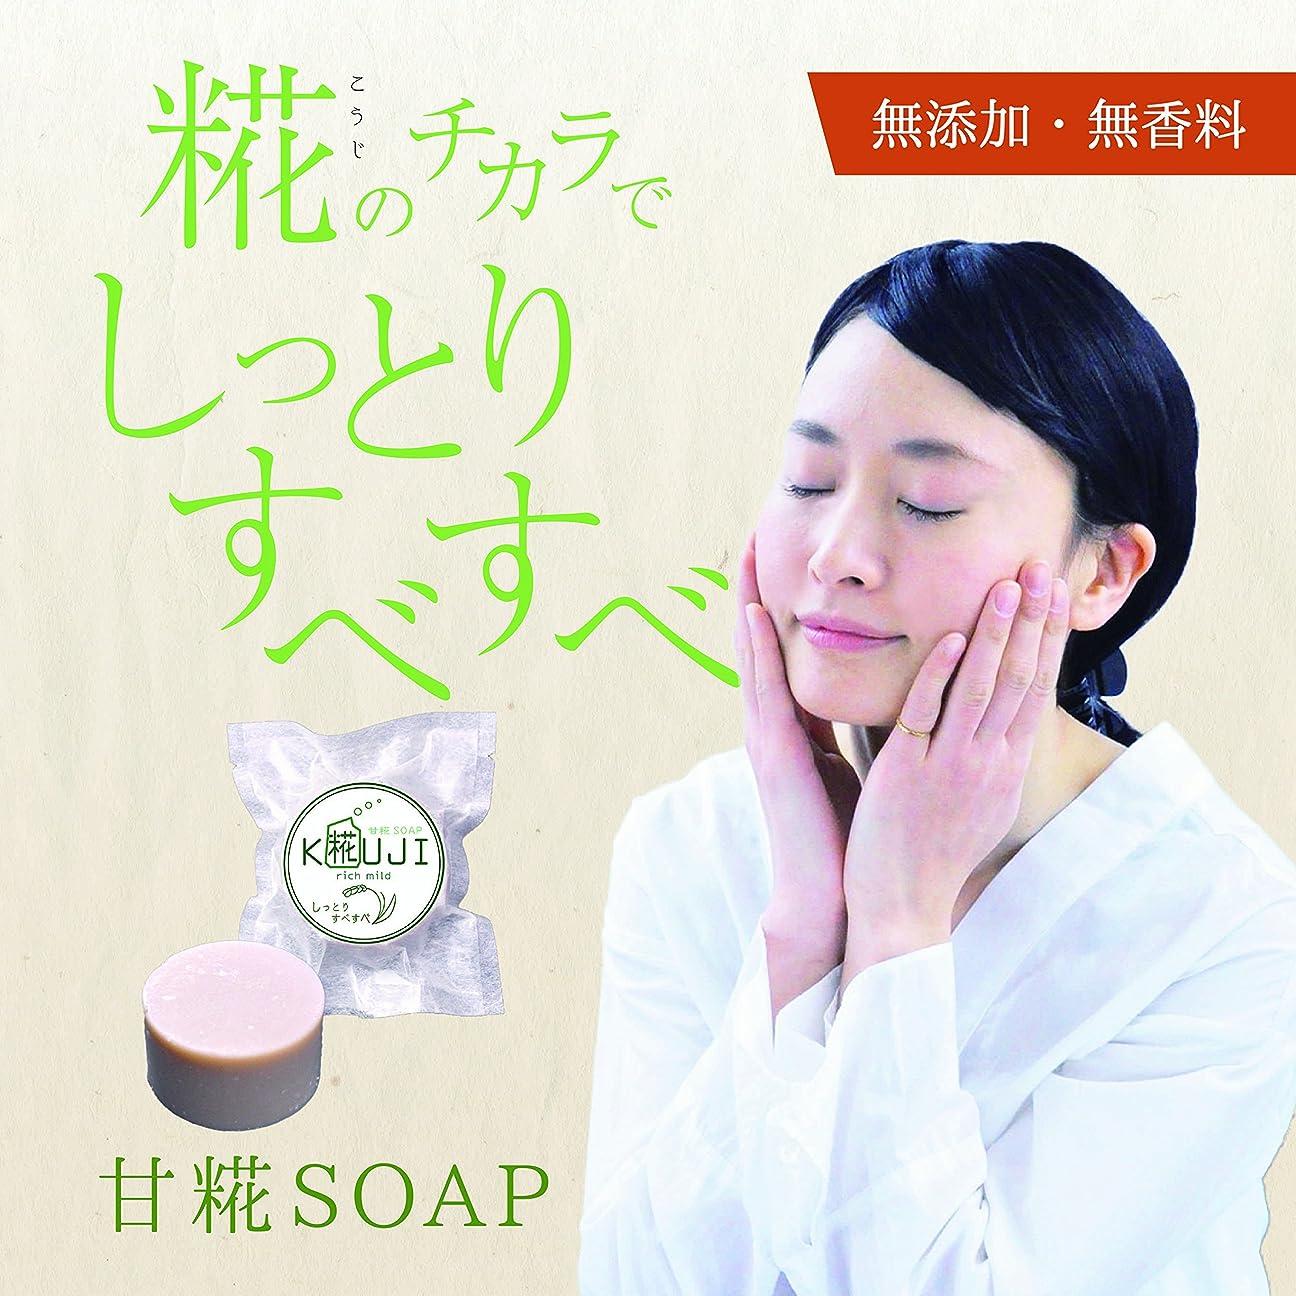 ブリーク祝う極小甘糀SOAP(リッチマイルド)